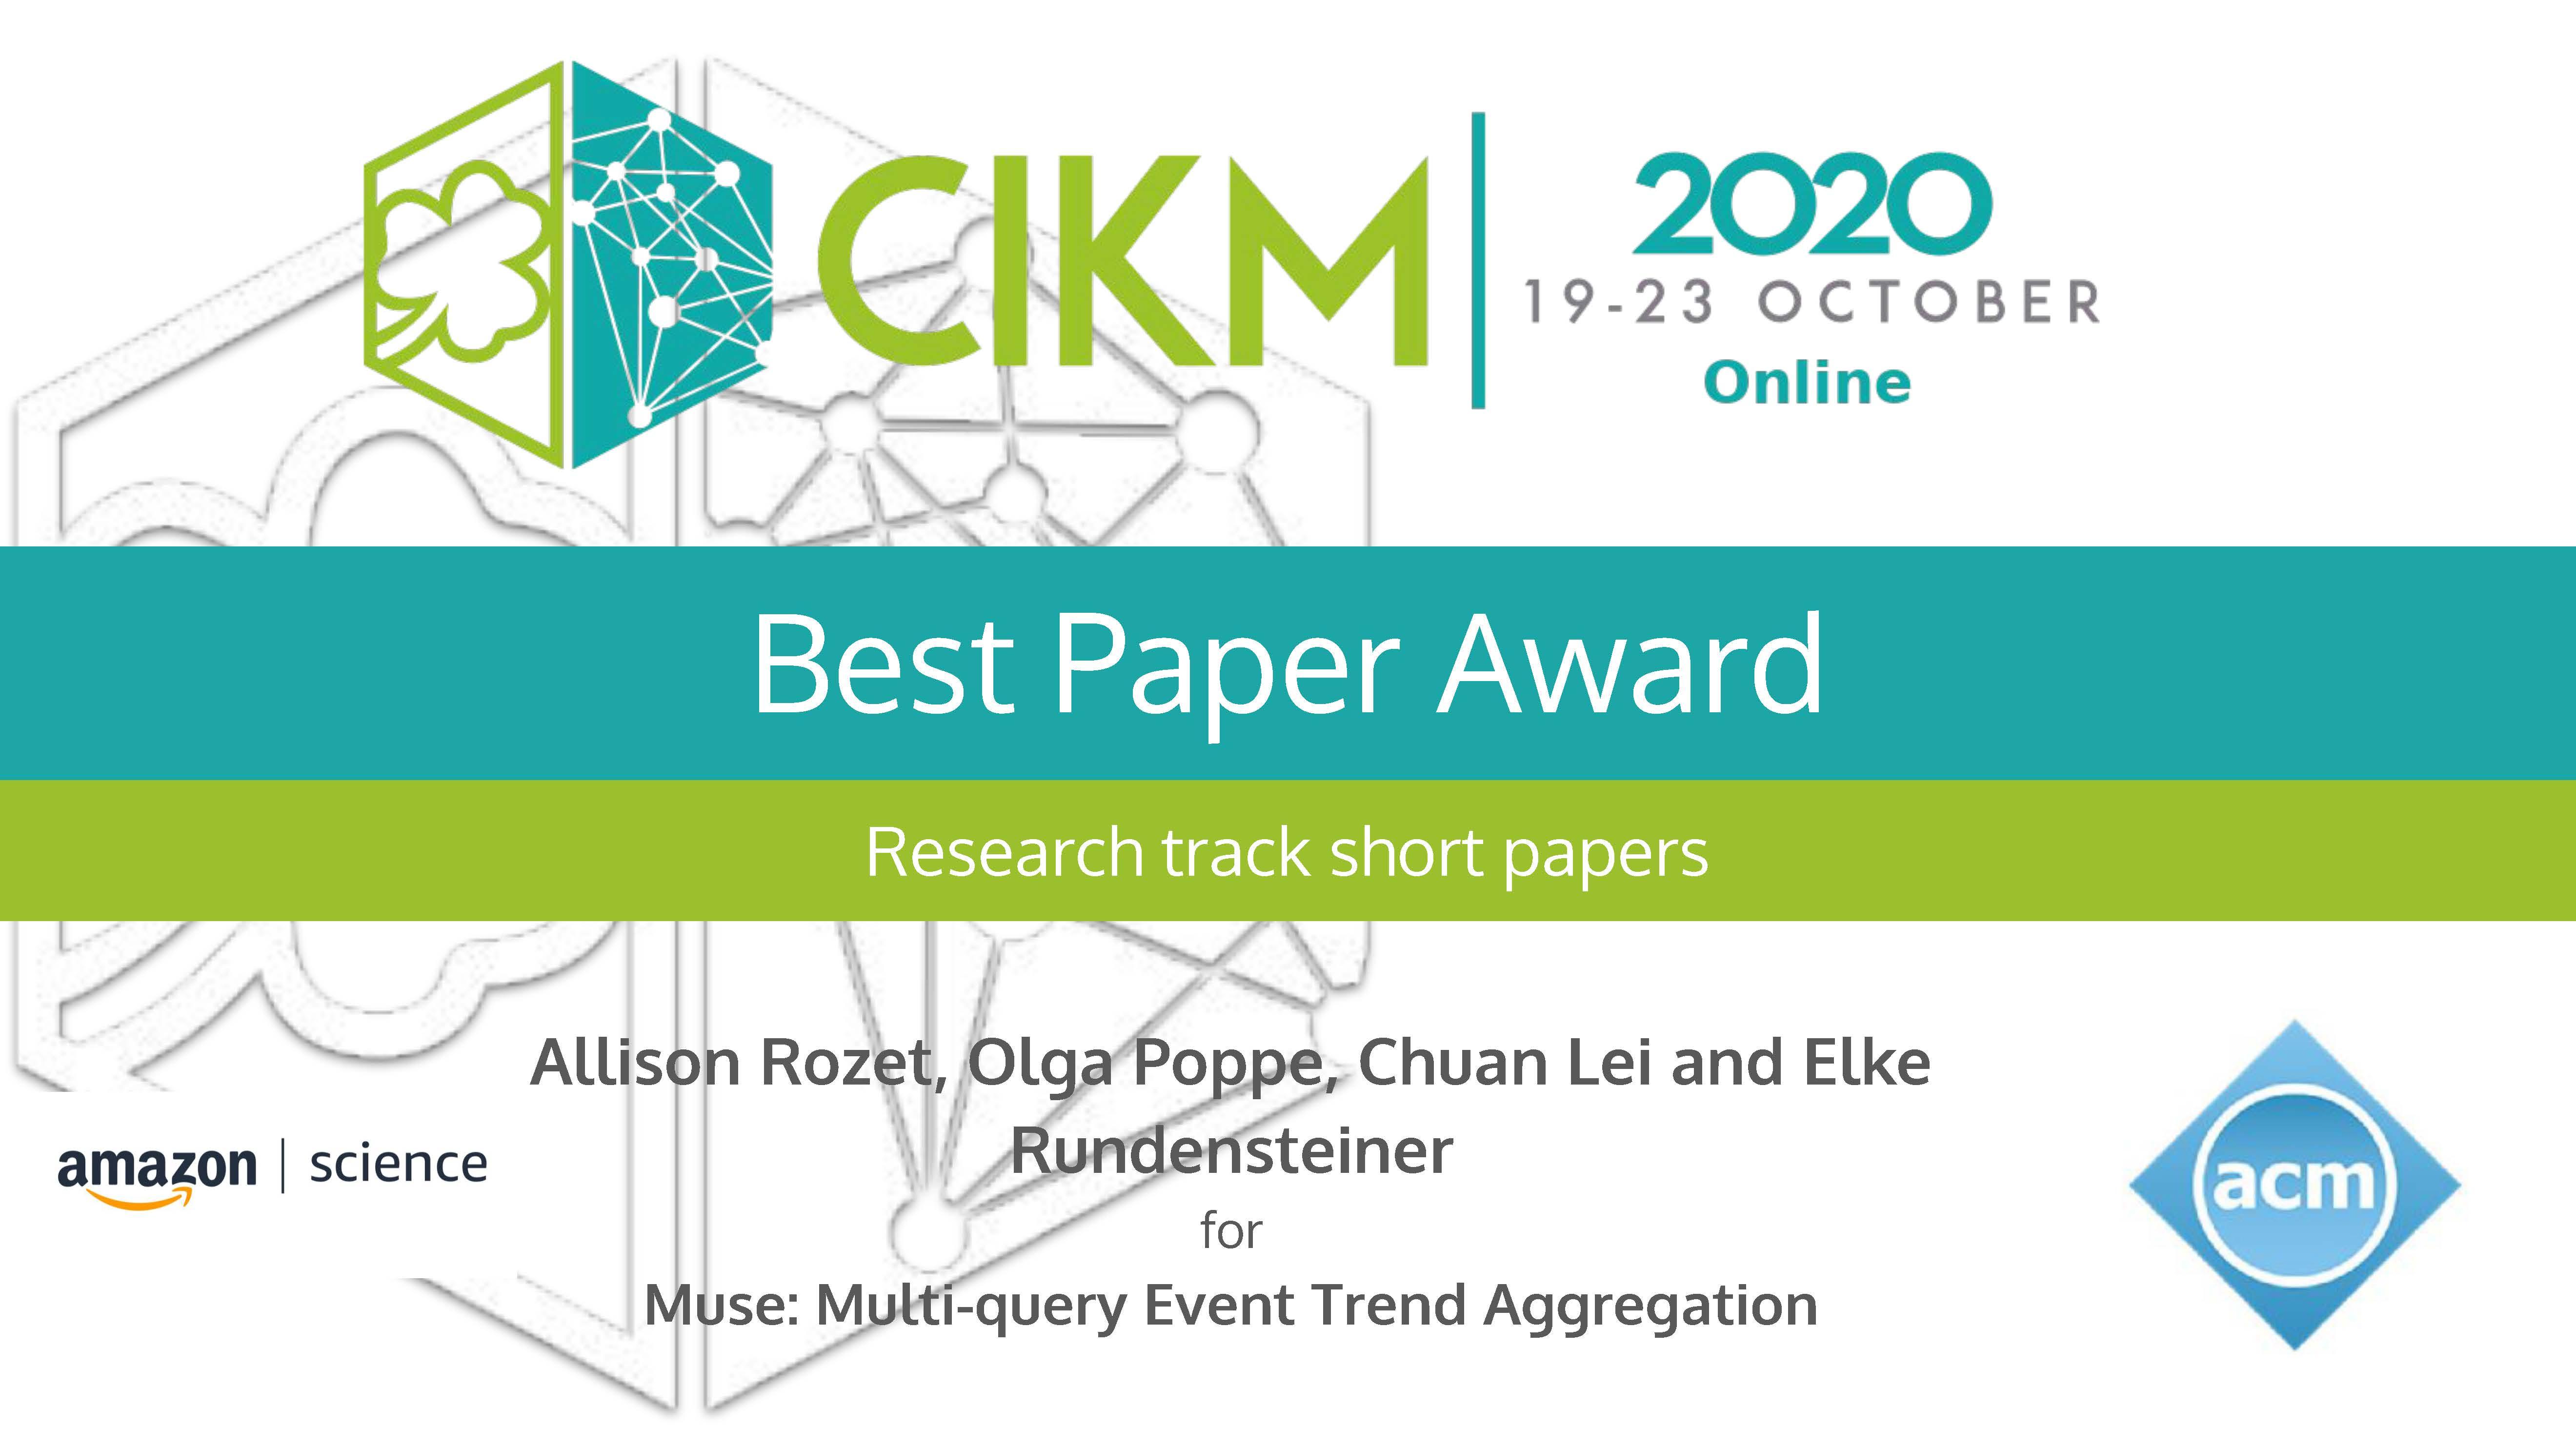 CIKM Award alt